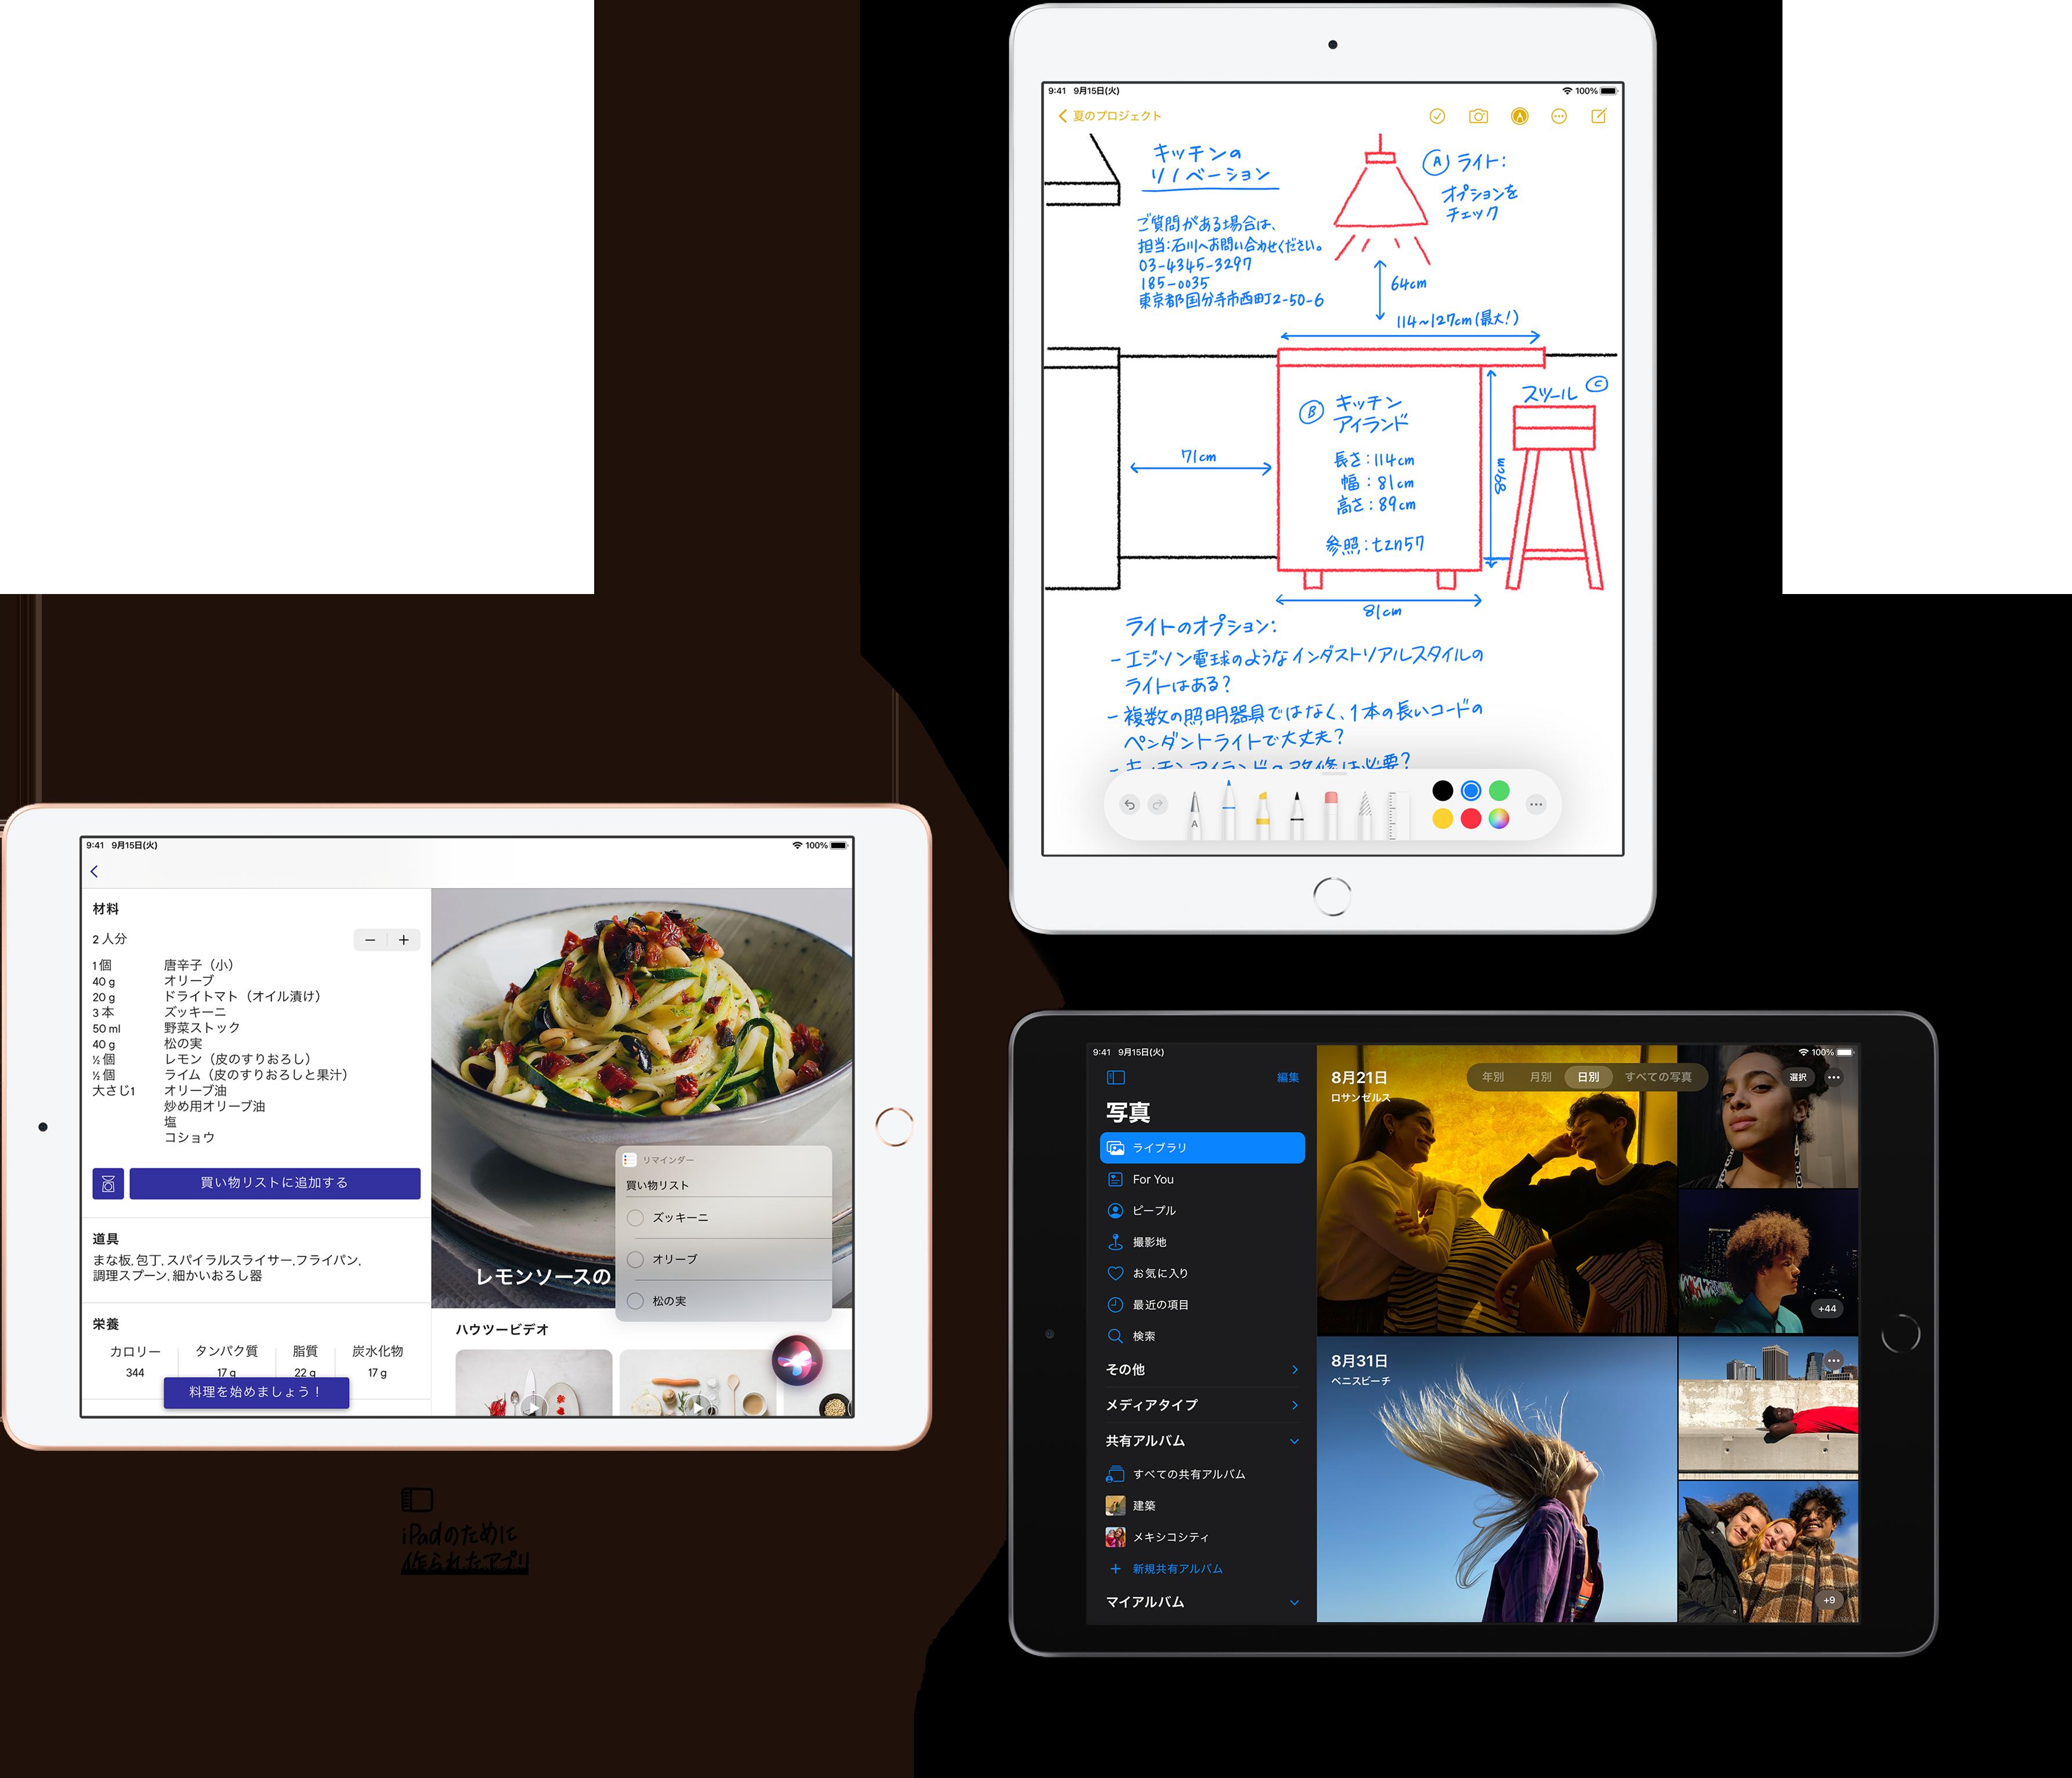 iPodOSで、できることを広げよう。